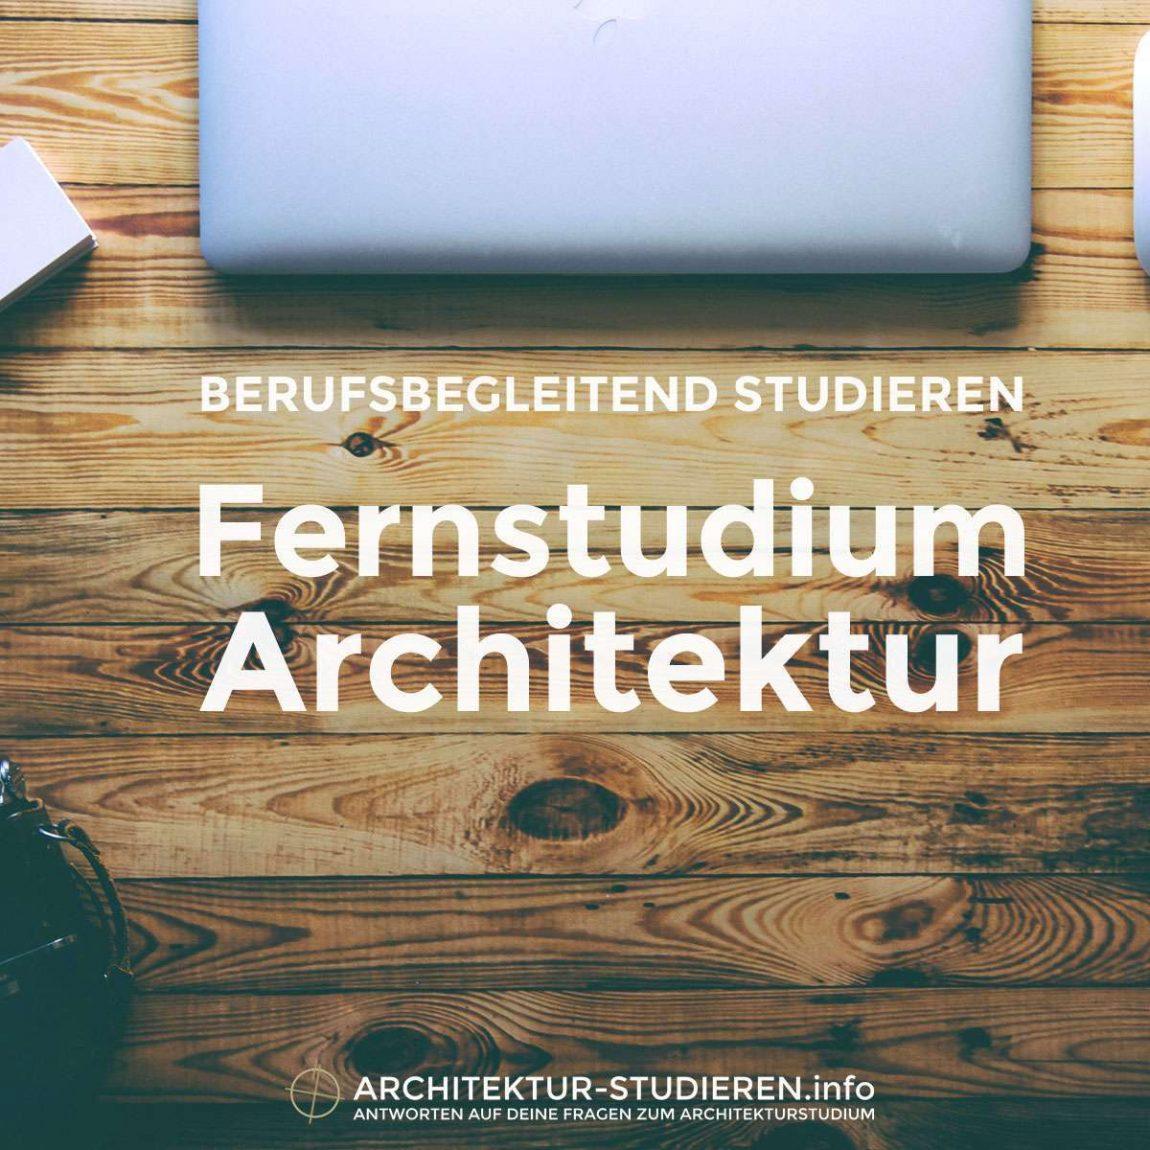 Berufsbegleitend studieren | Fernstudium Architektur | © Architektur-studieren.info